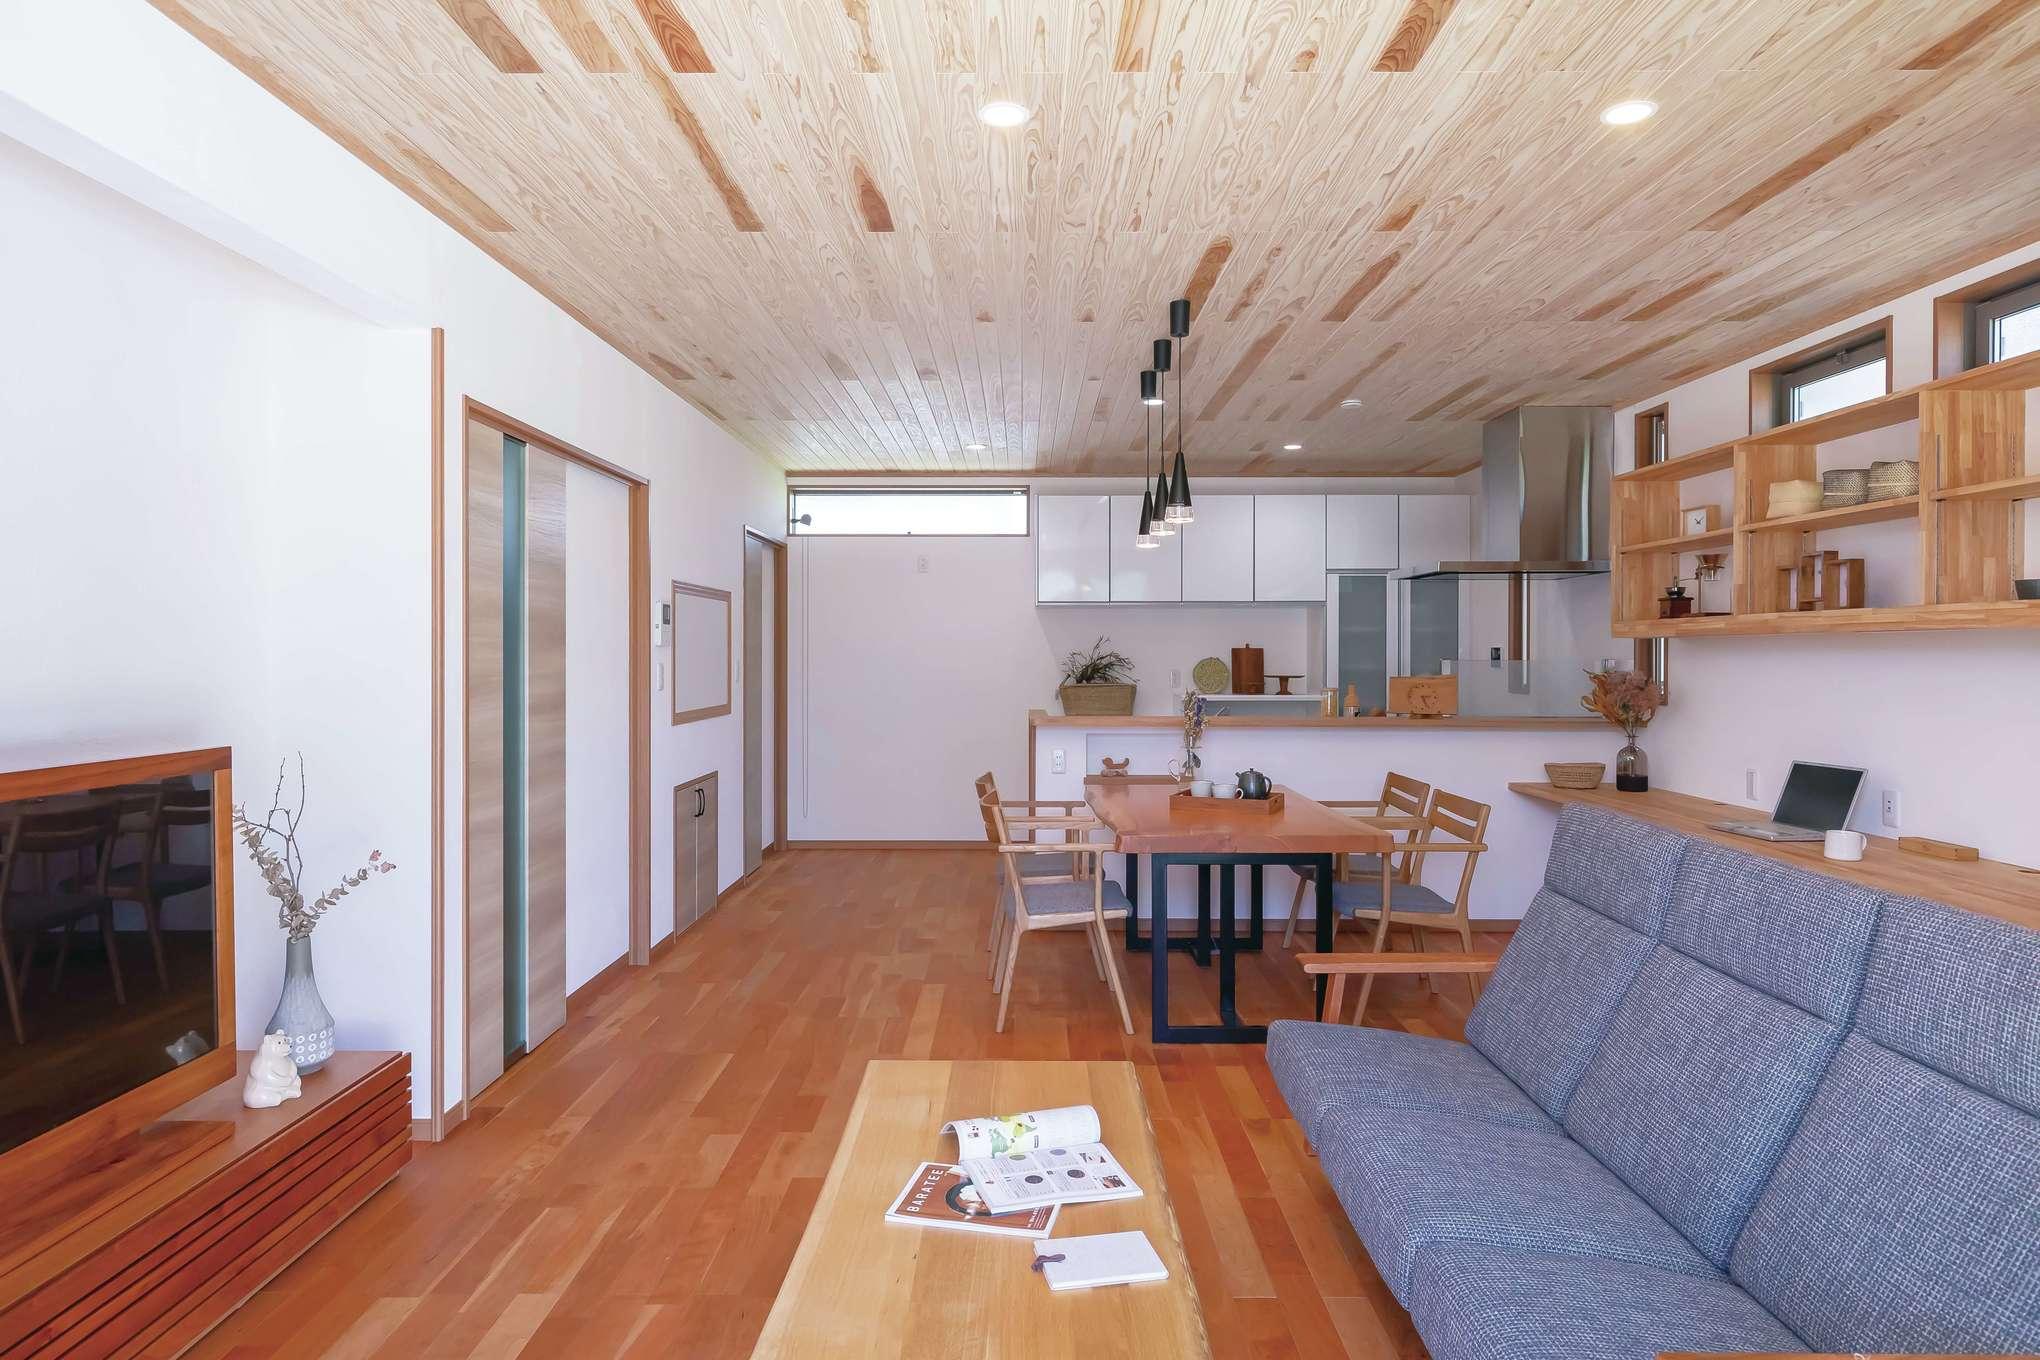 住まいるコーポレーション【デザイン住宅、自然素材、間取り】ブラックチェリーの床のシックな色目がLDK全体に落ち着いた雰囲気をもたらしている。天井も無垢板張りで、壁には珪藻土を使用。自然素材の空間に心が癒される